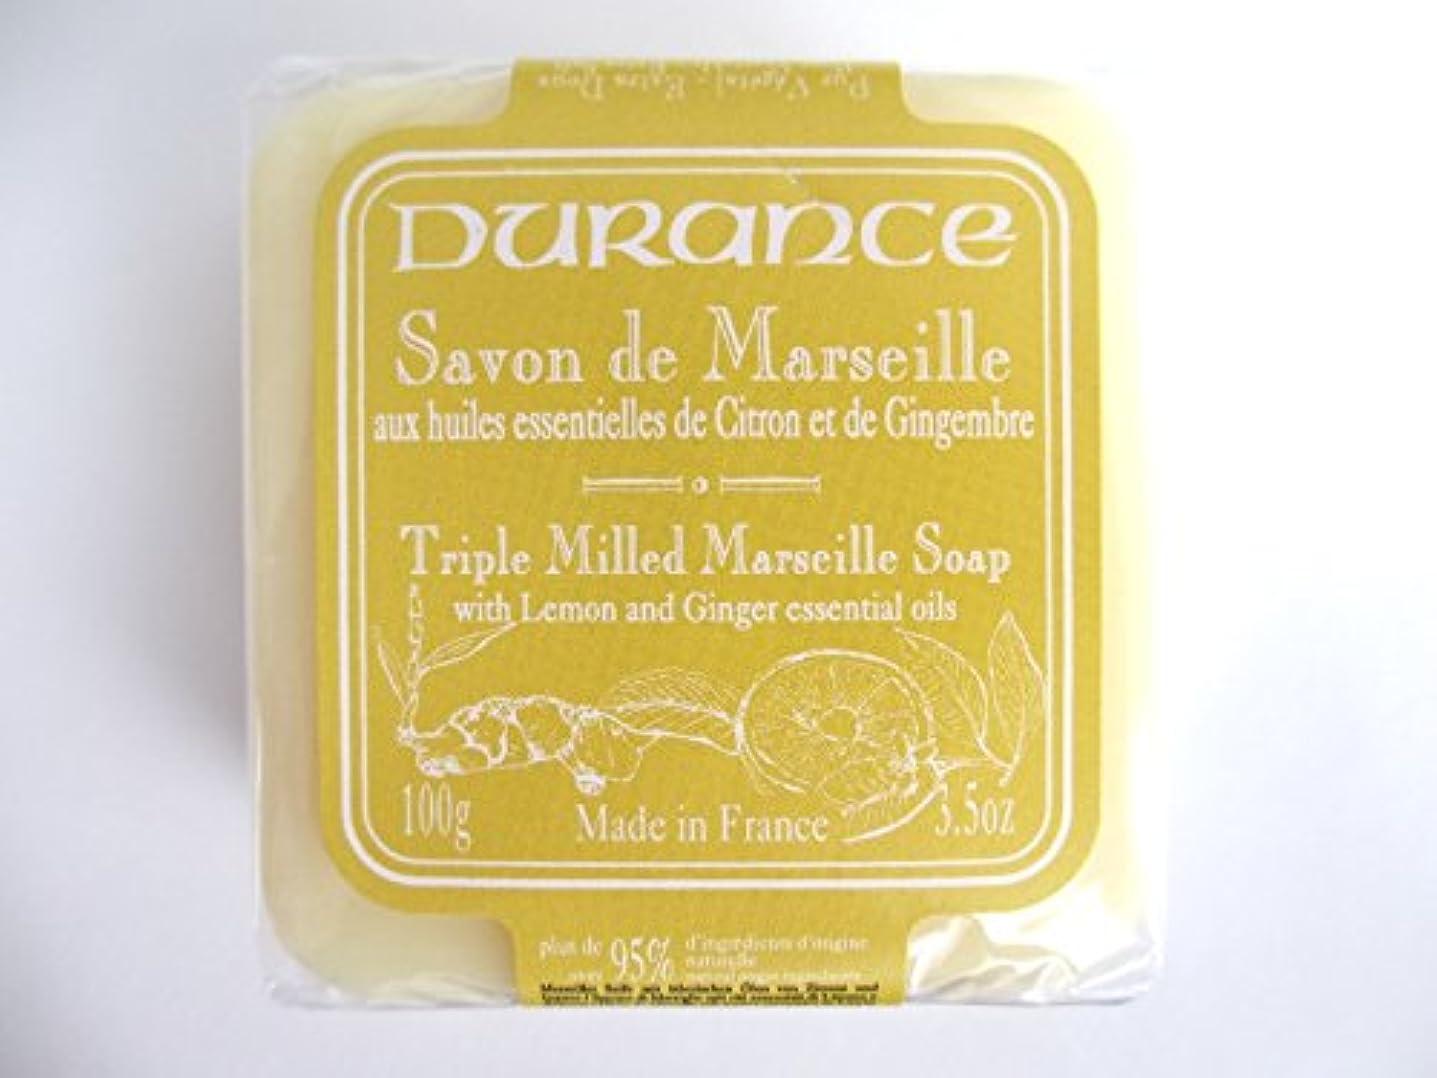 くびれたダウン褐色デュランス 【マルセイユソープ】 レモンジンジャー 固形 100g 95%以上 天然成分 洗顔 全身